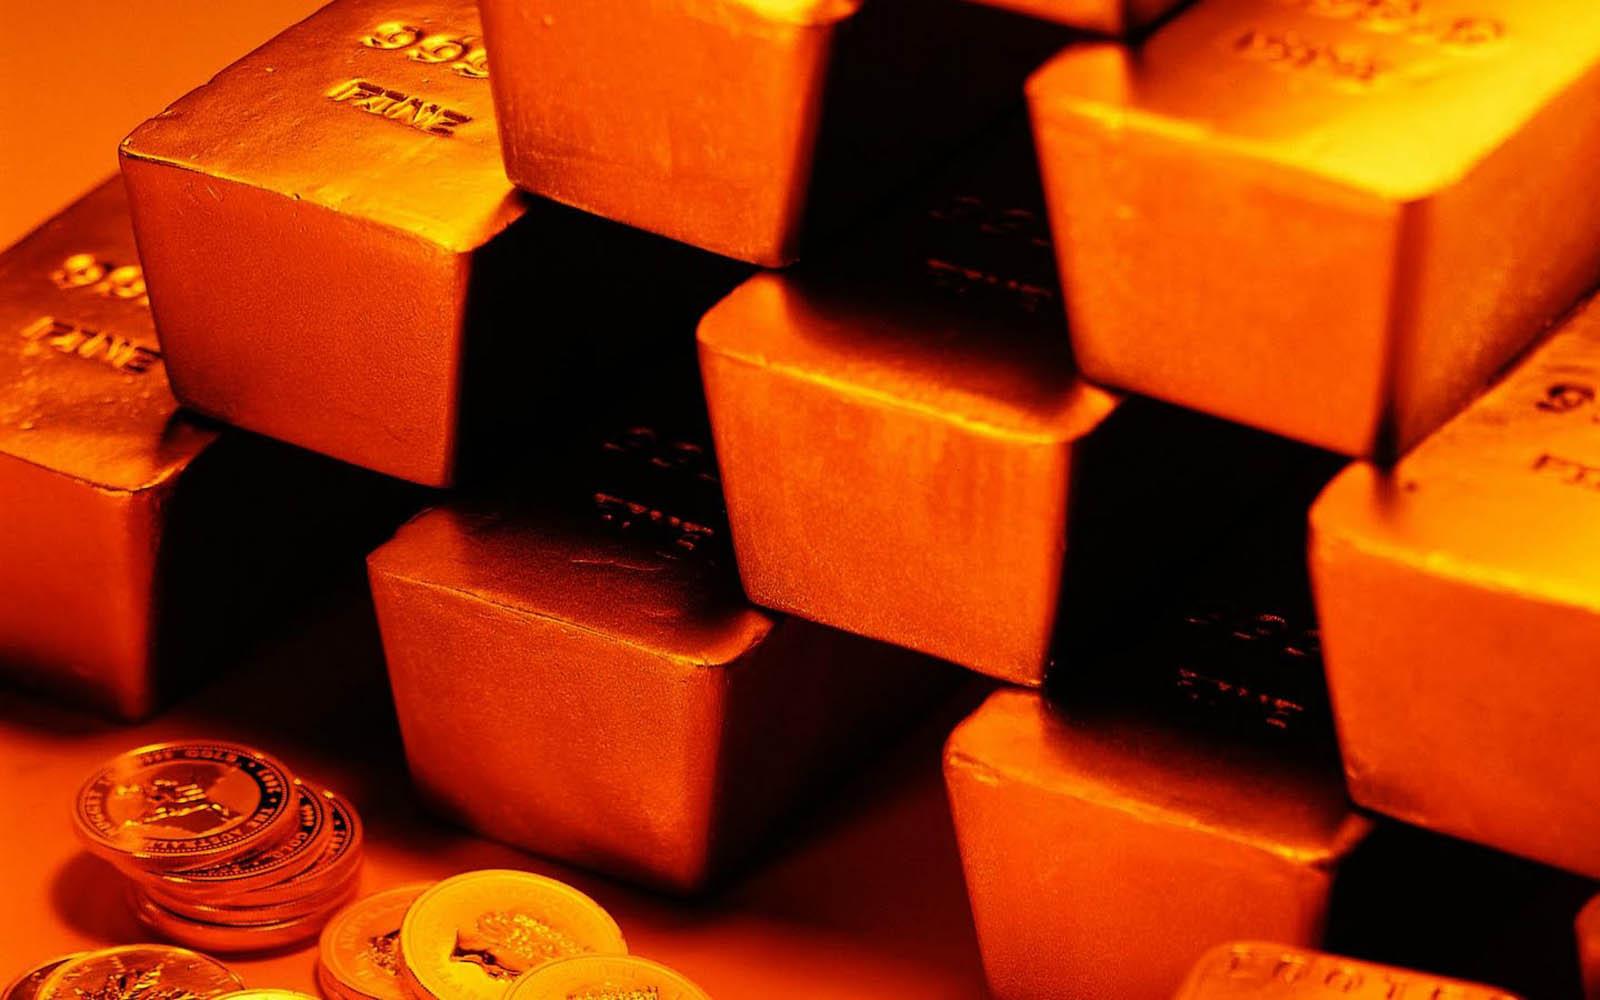 http://2.bp.blogspot.com/-UKQCeceToto/UHbVybrvFWI/AAAAAAAALWo/uZ0yLsWgMgM/s1600/Gold+Wallpapers+5.jpg